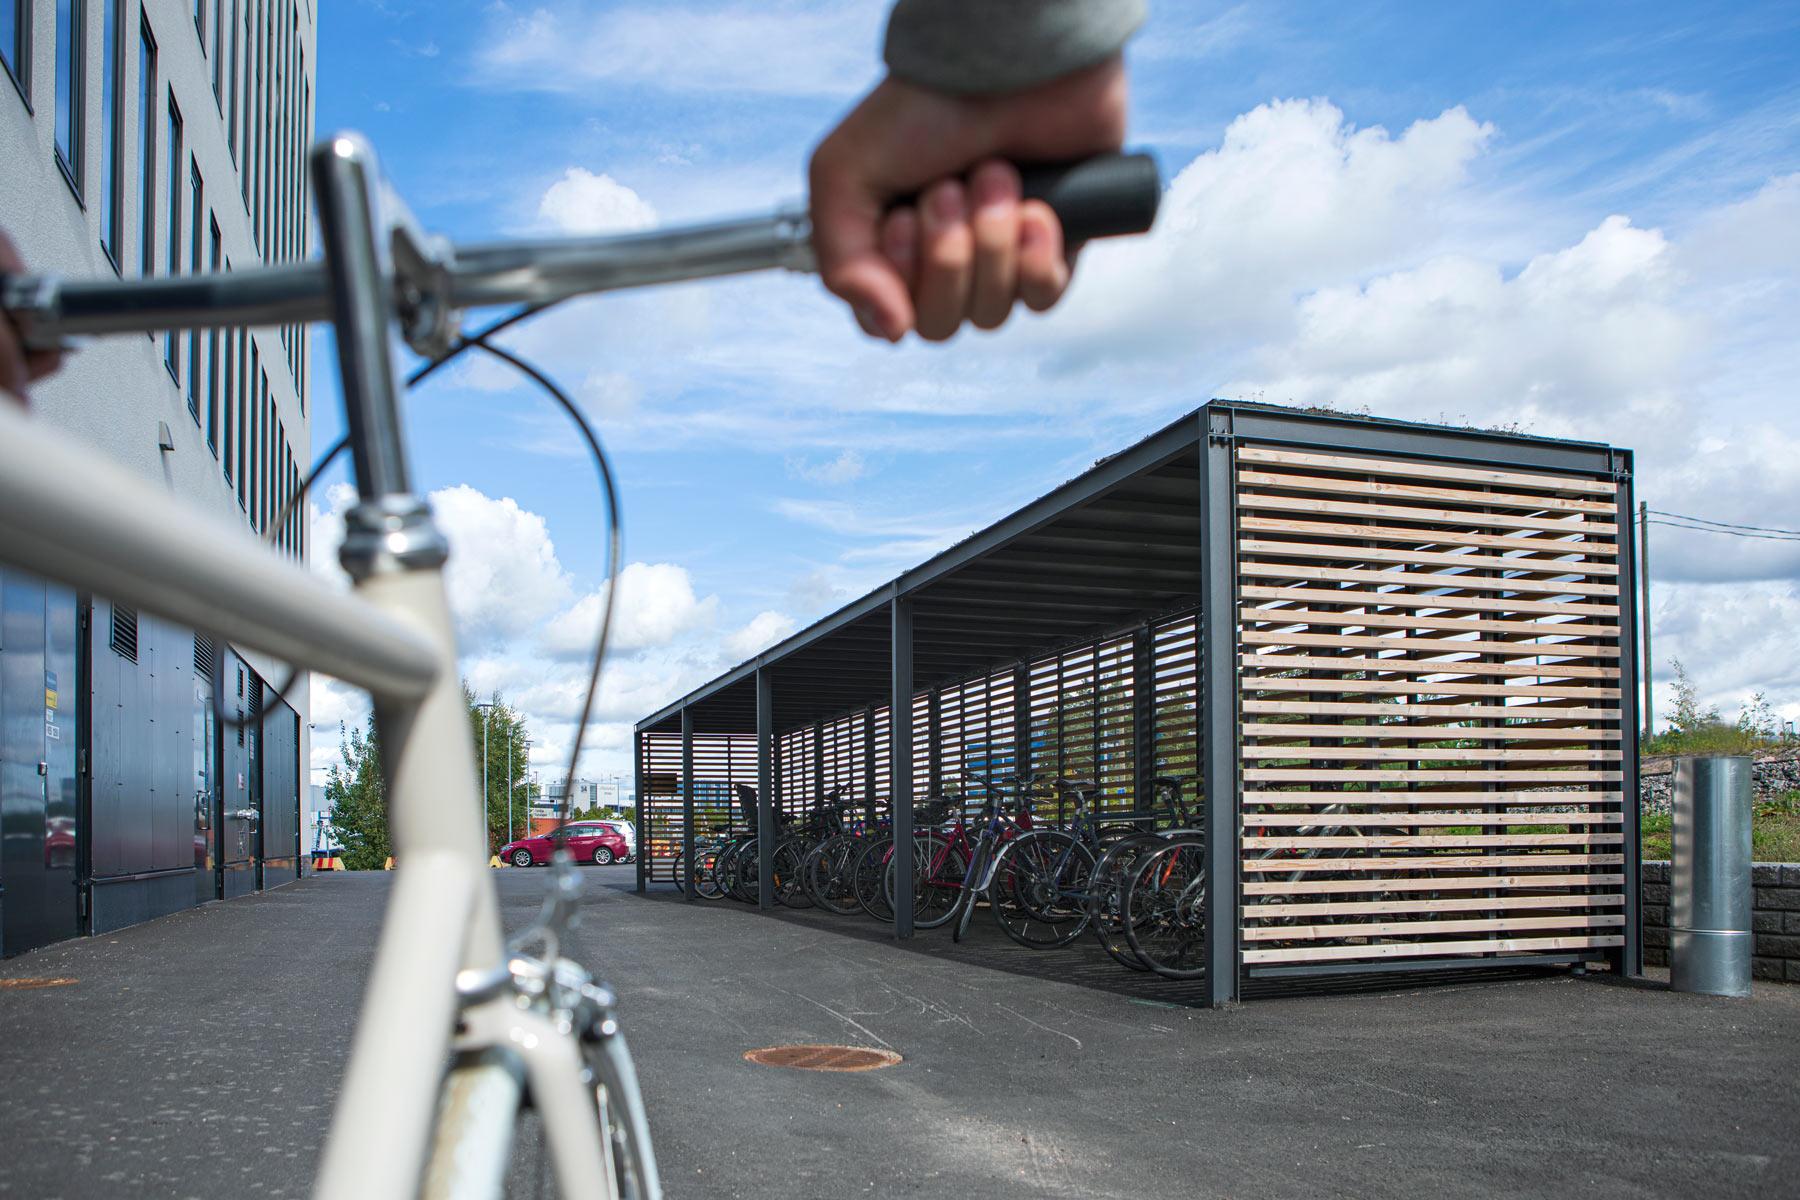 KEEP cykeltak för cyklar